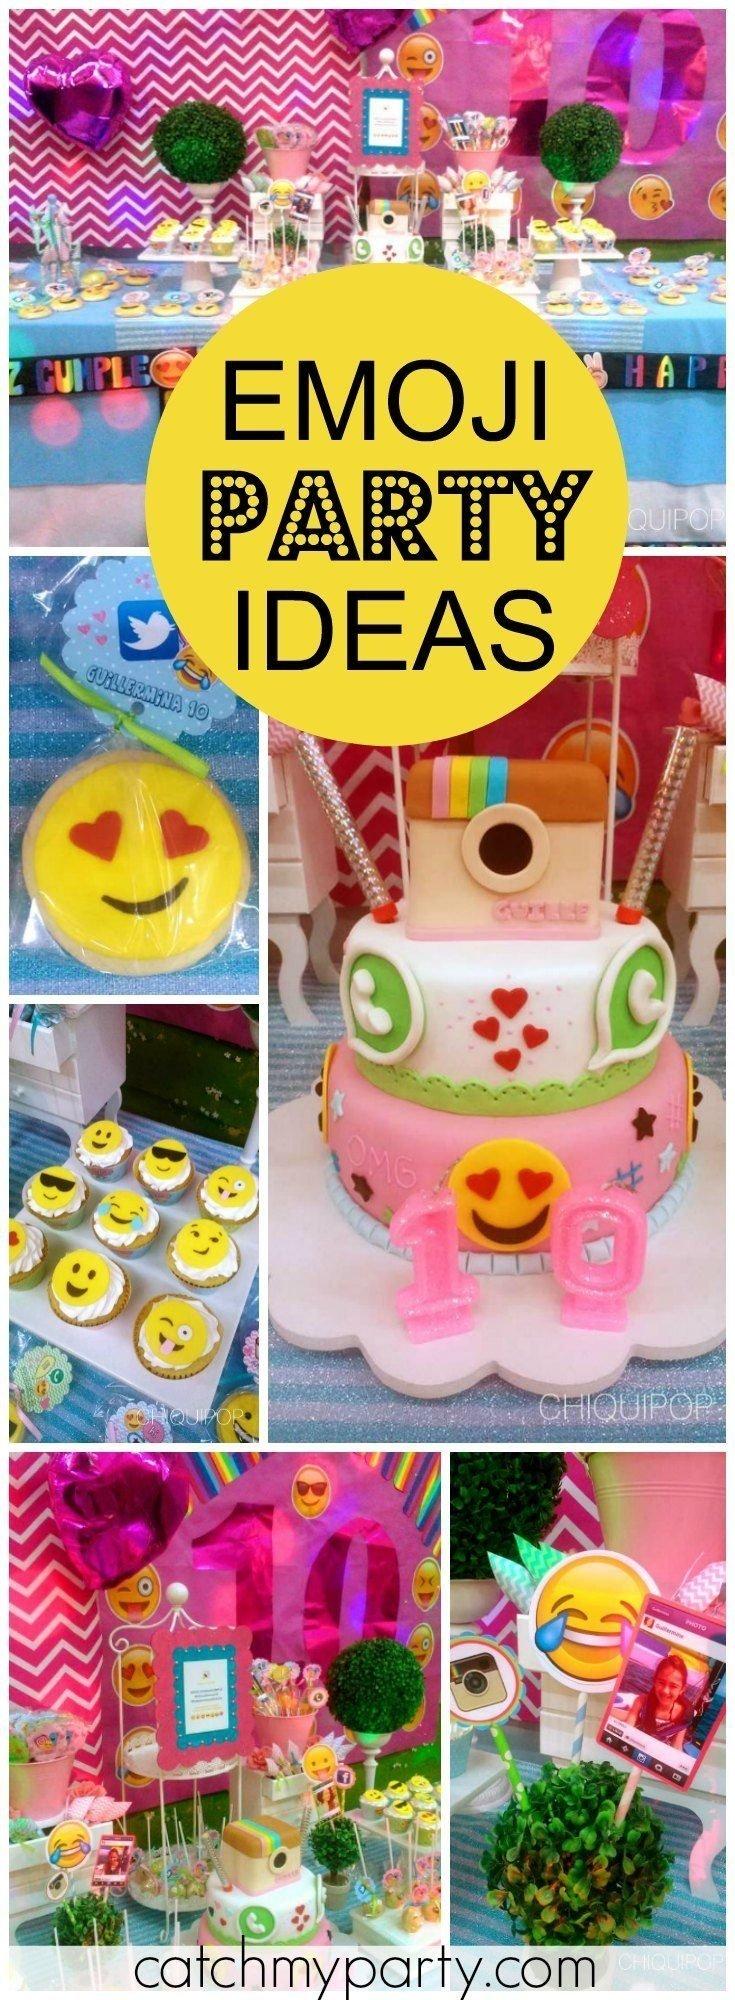 10 Elegant Fun Teenage Birthday Party Ideas insta face emoji birthday a fun holiday for guillerminas 10th 1 2021